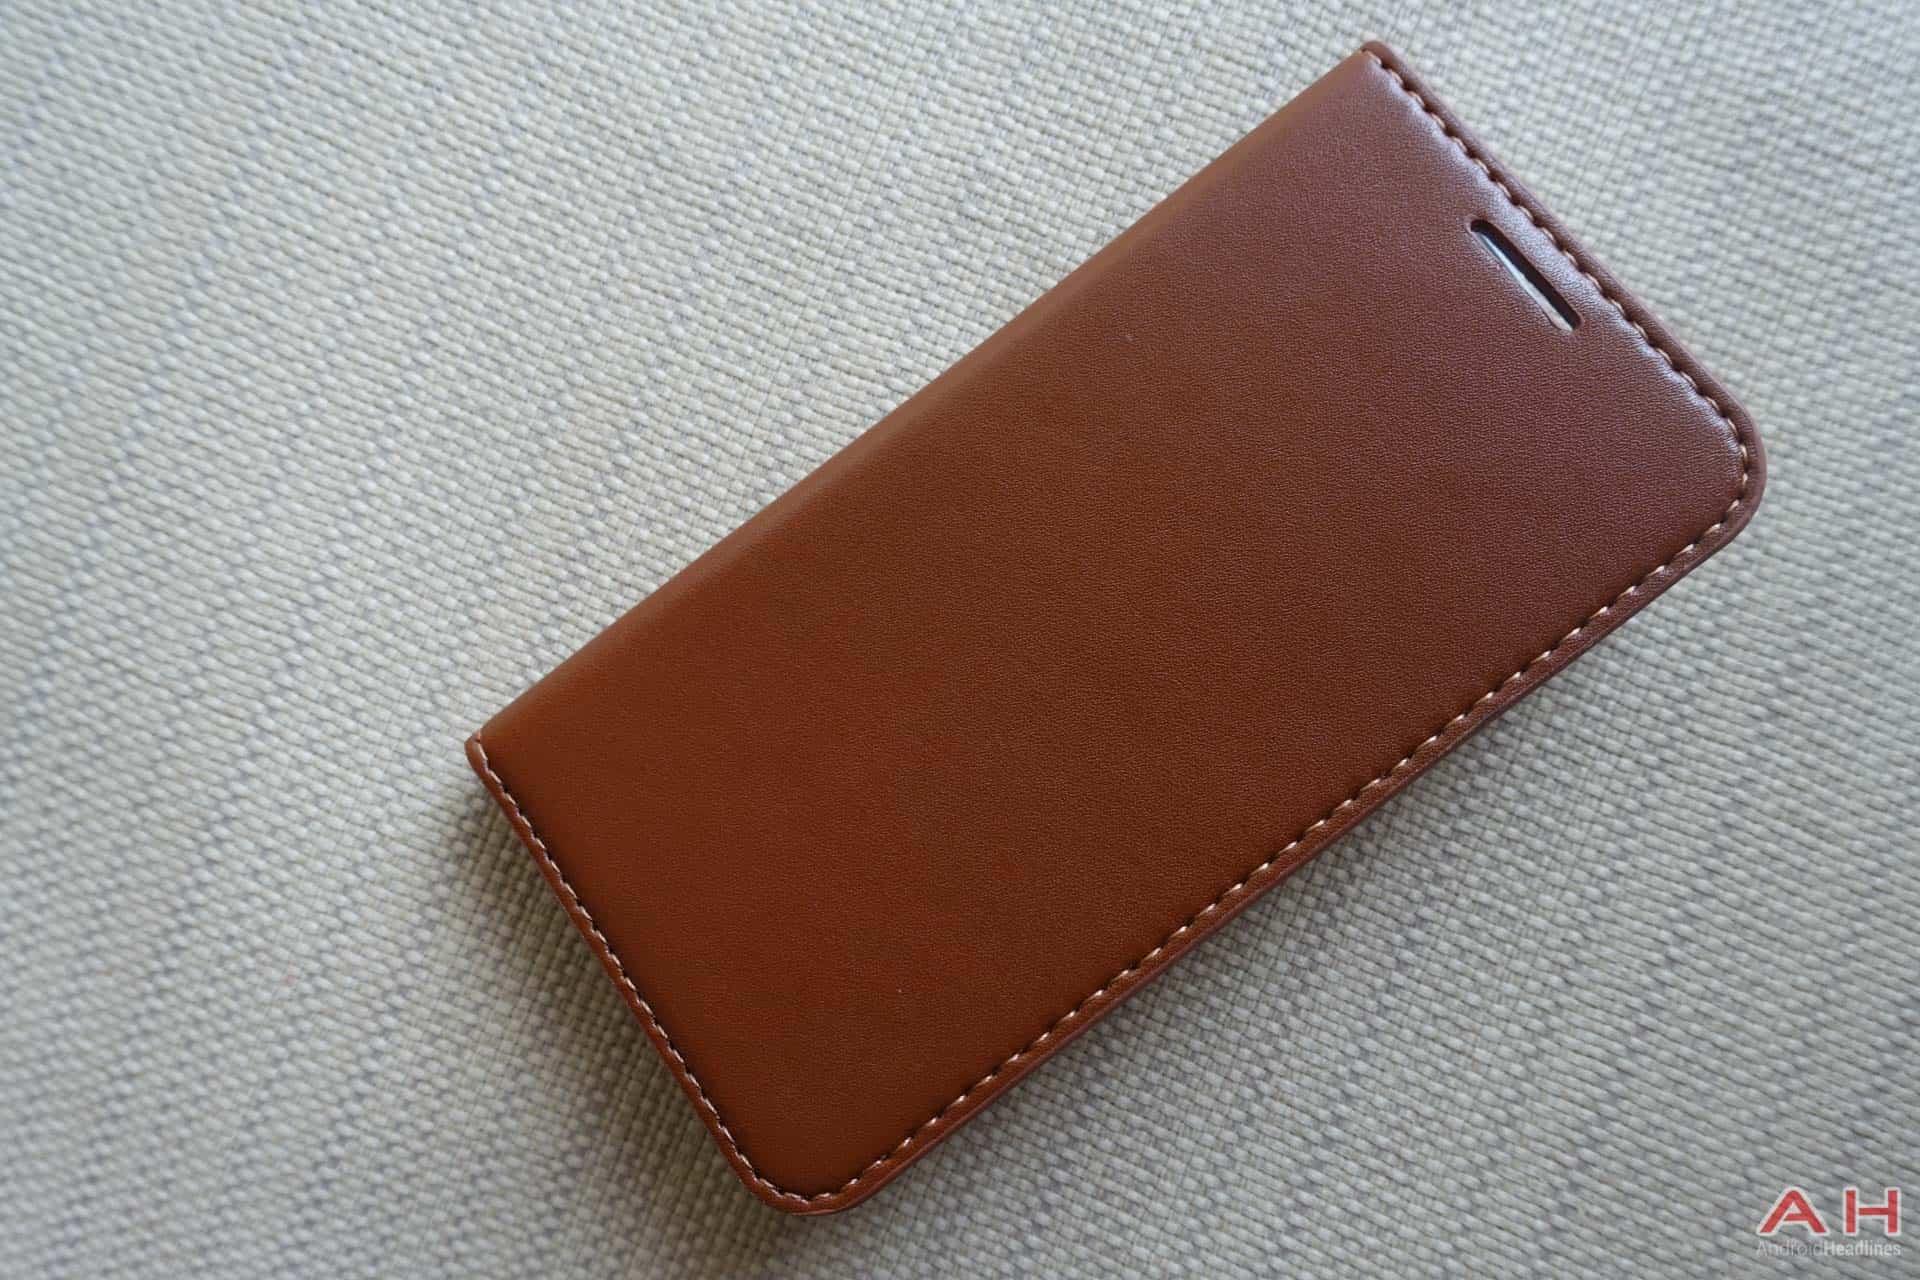 Verus Wallet Case Galaxy S6 Edge AH 2